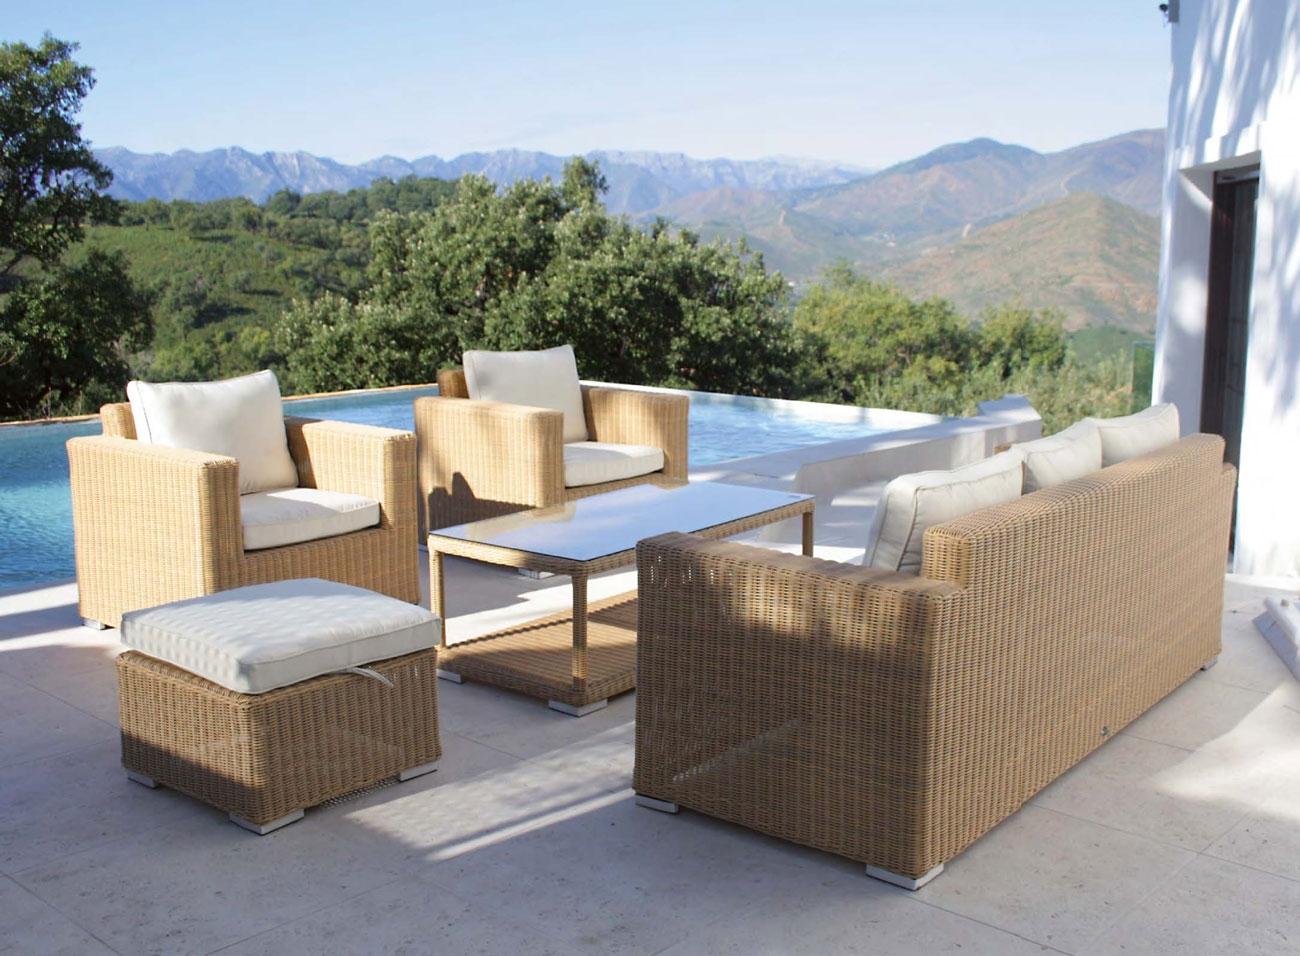 Set de sofá para exterior ESTEPONA - Conjunto de sofá fabricado en aluminio y trenzado con fibra sintética de color natural.